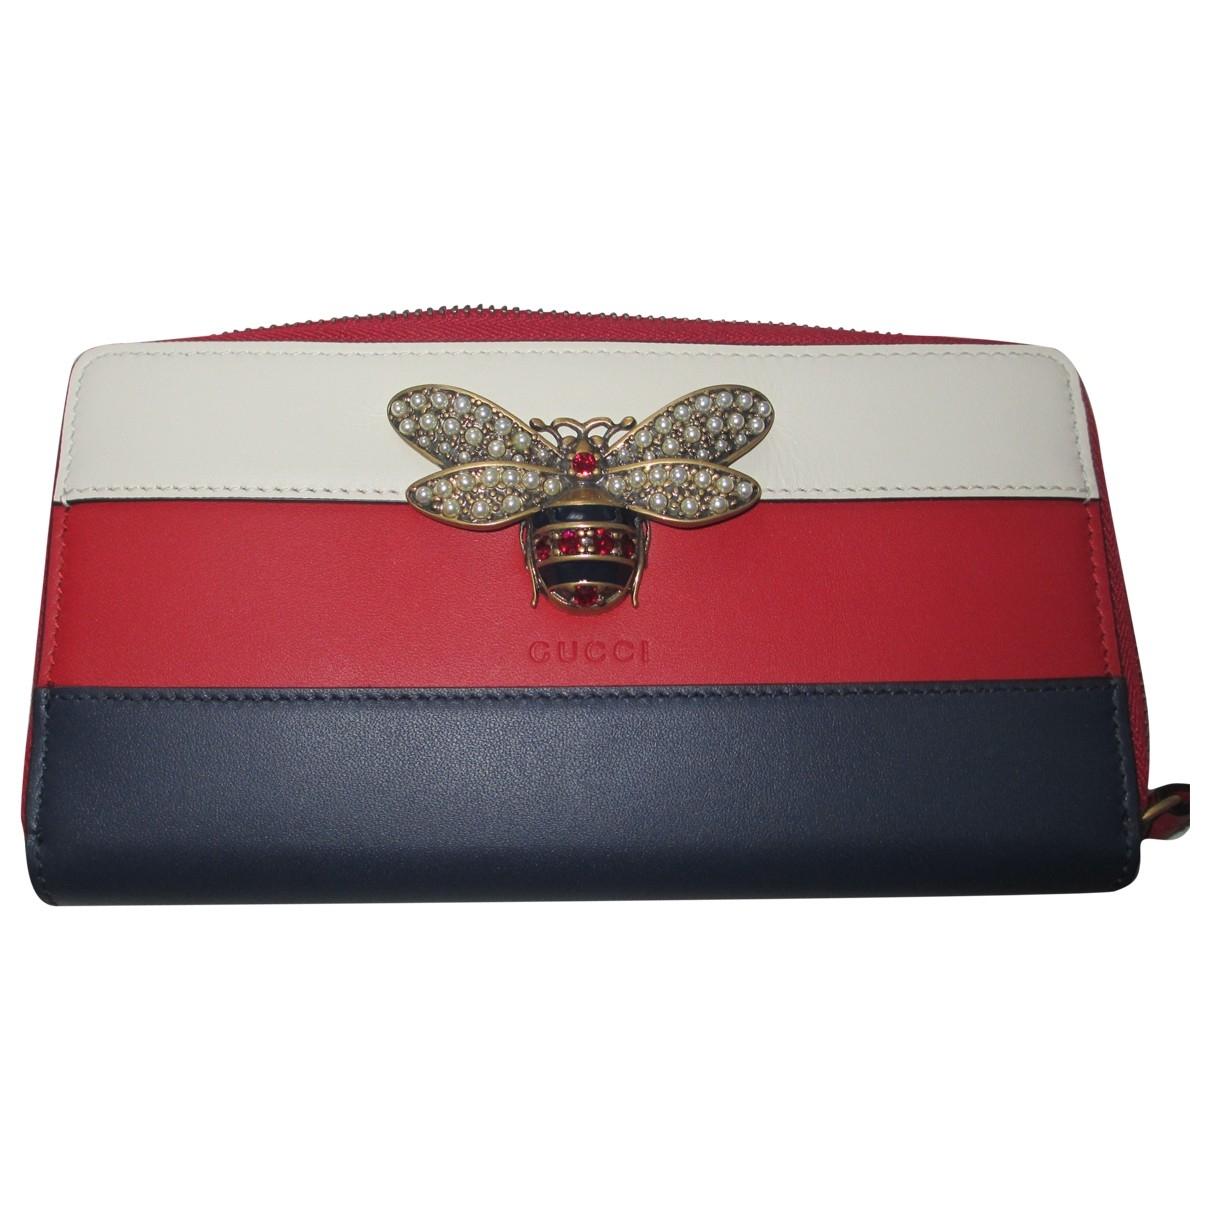 Gucci - Portefeuille Queen Margaret pour femme en cuir - multicolore